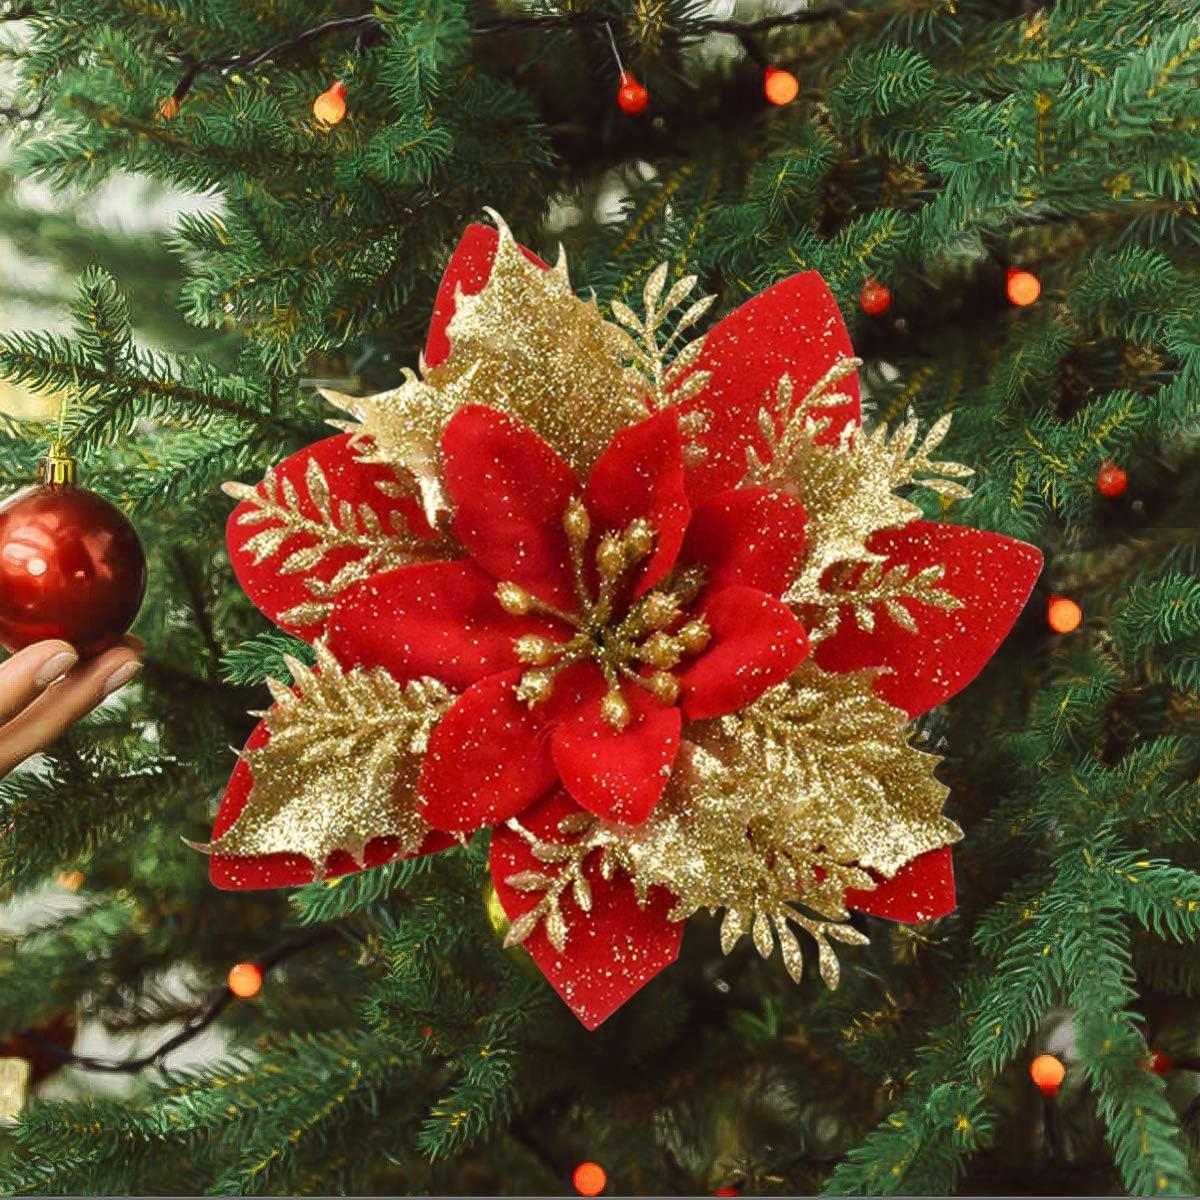 Ornamento Albero di Natale Fiore Artificiale per Albero//Ghirlanda Deocorazioni Rosso HQdeal 15Pz Addobbi Albero di Natale Decorazioni Natalizie per Albero,Fiori Albero di Natale Glitter Poinsettia